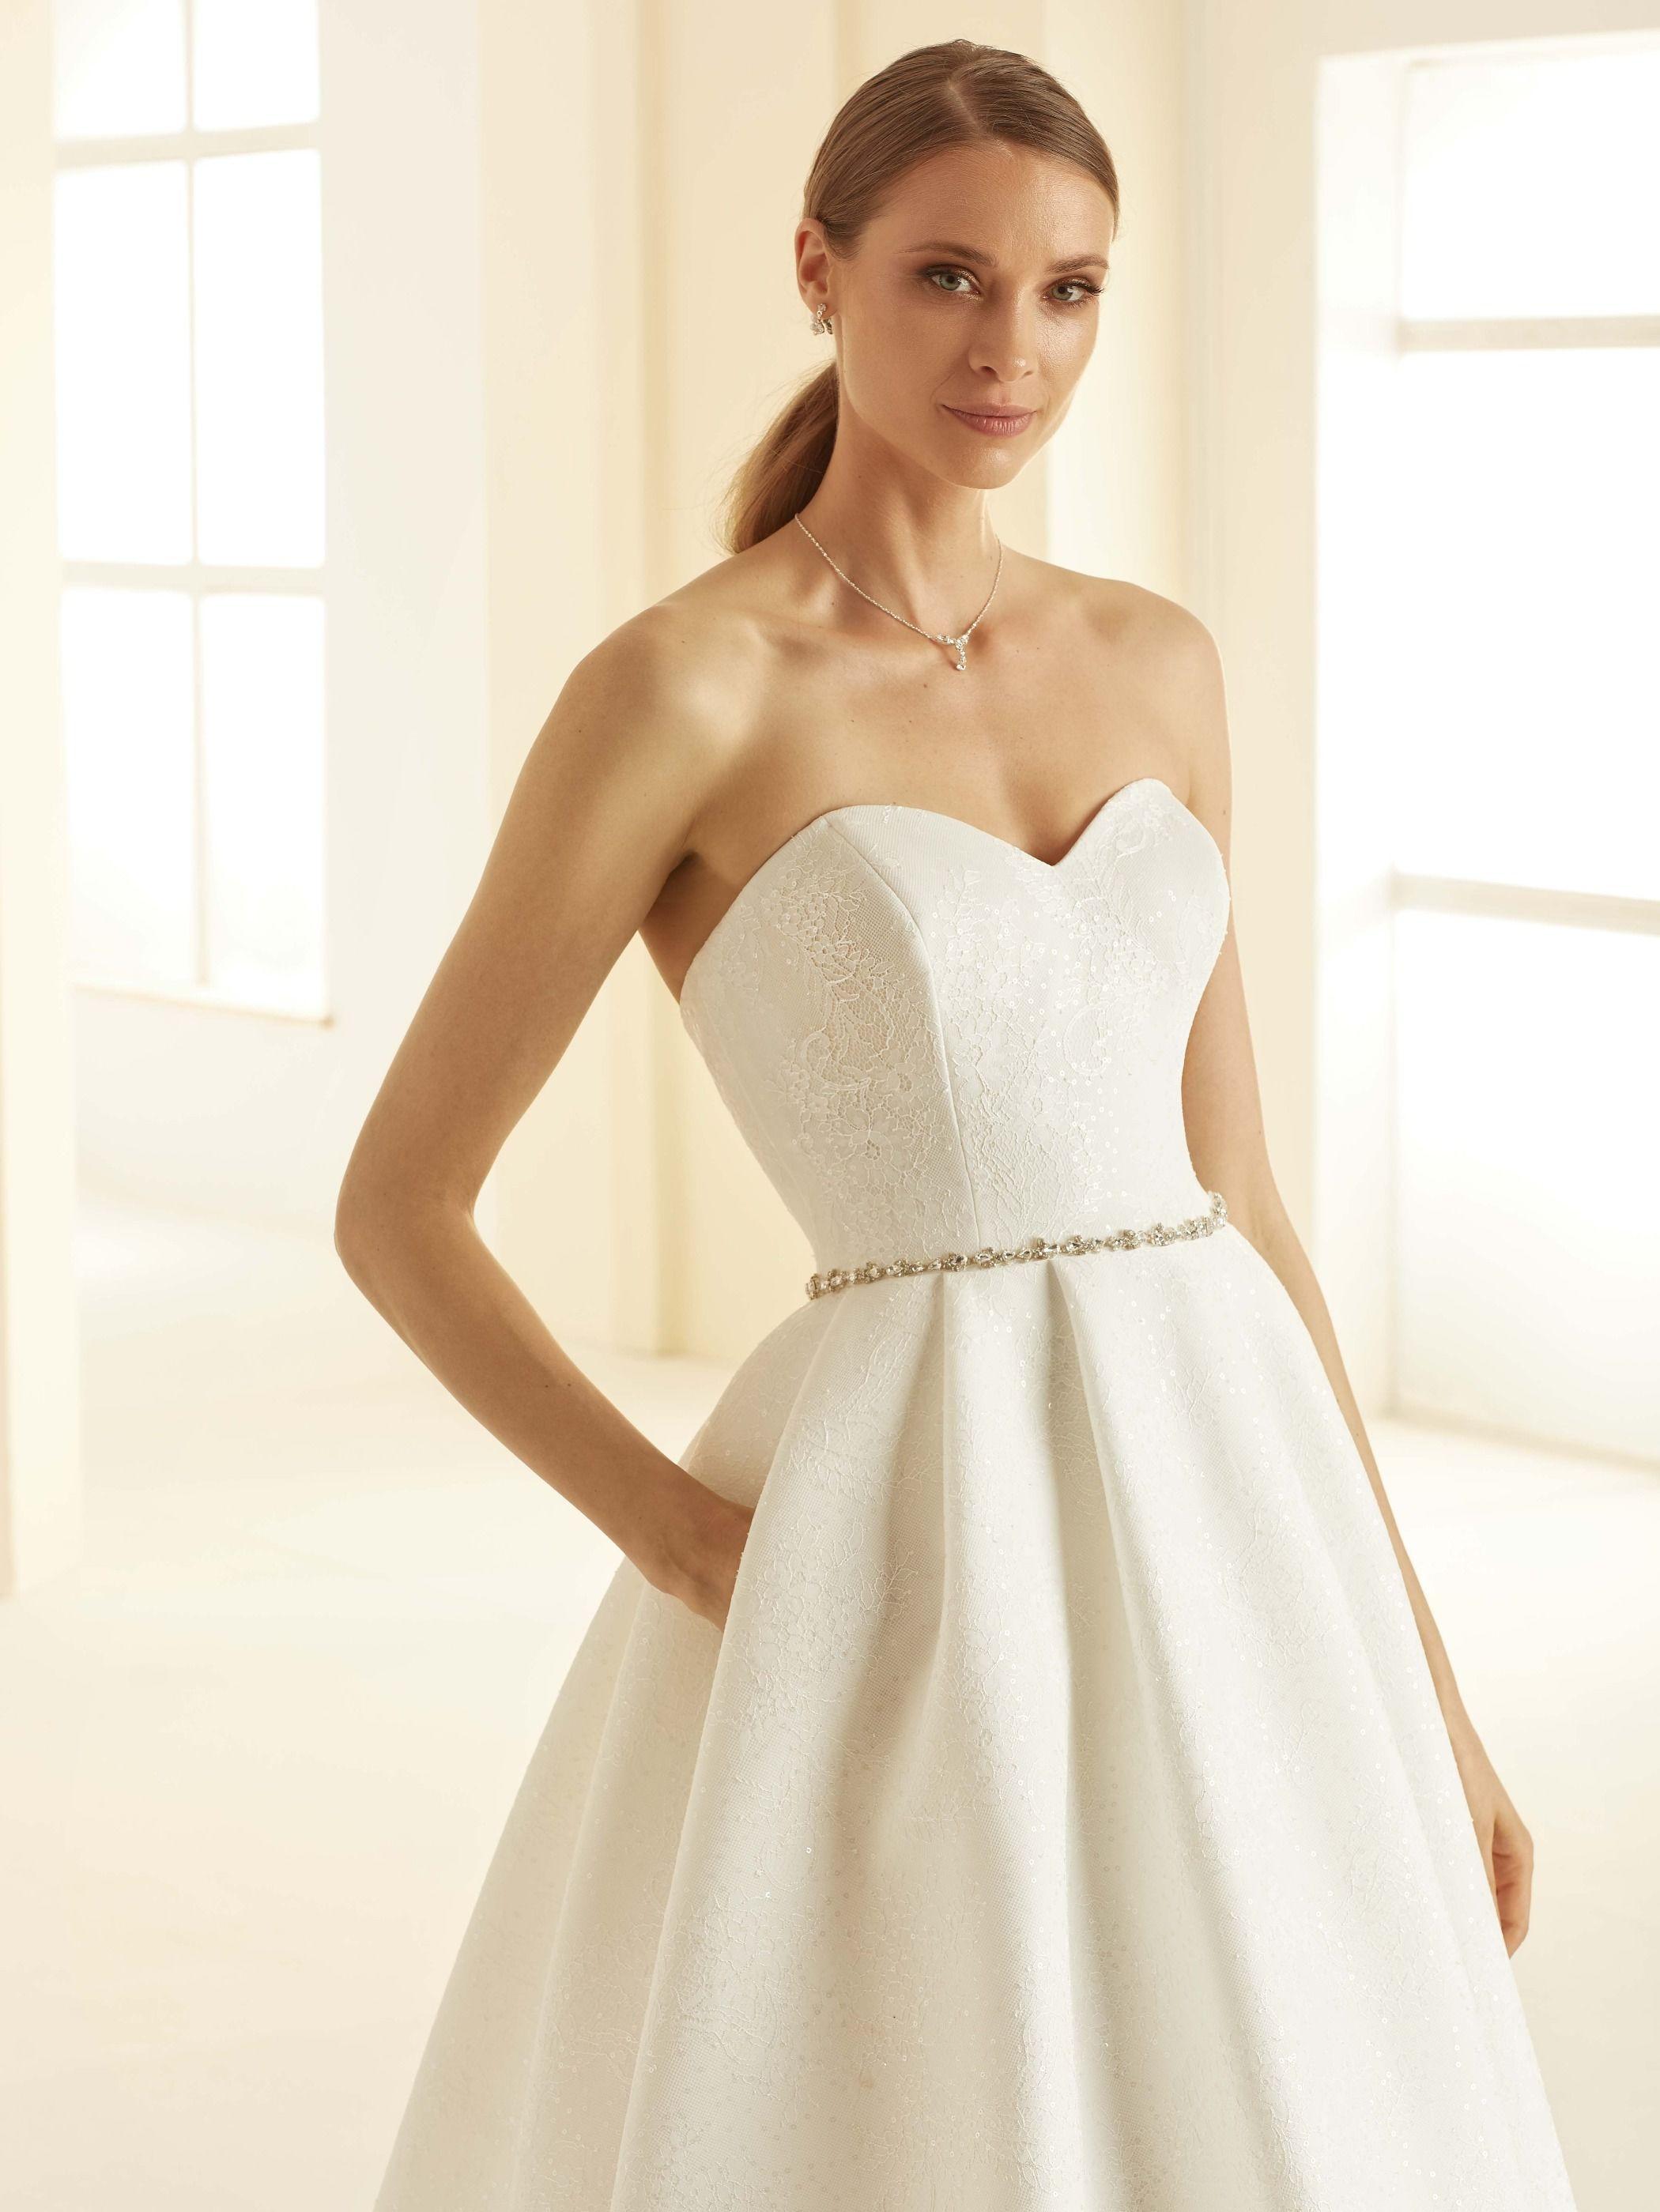 bianco_evento_bridal_dress_isolde_2__1